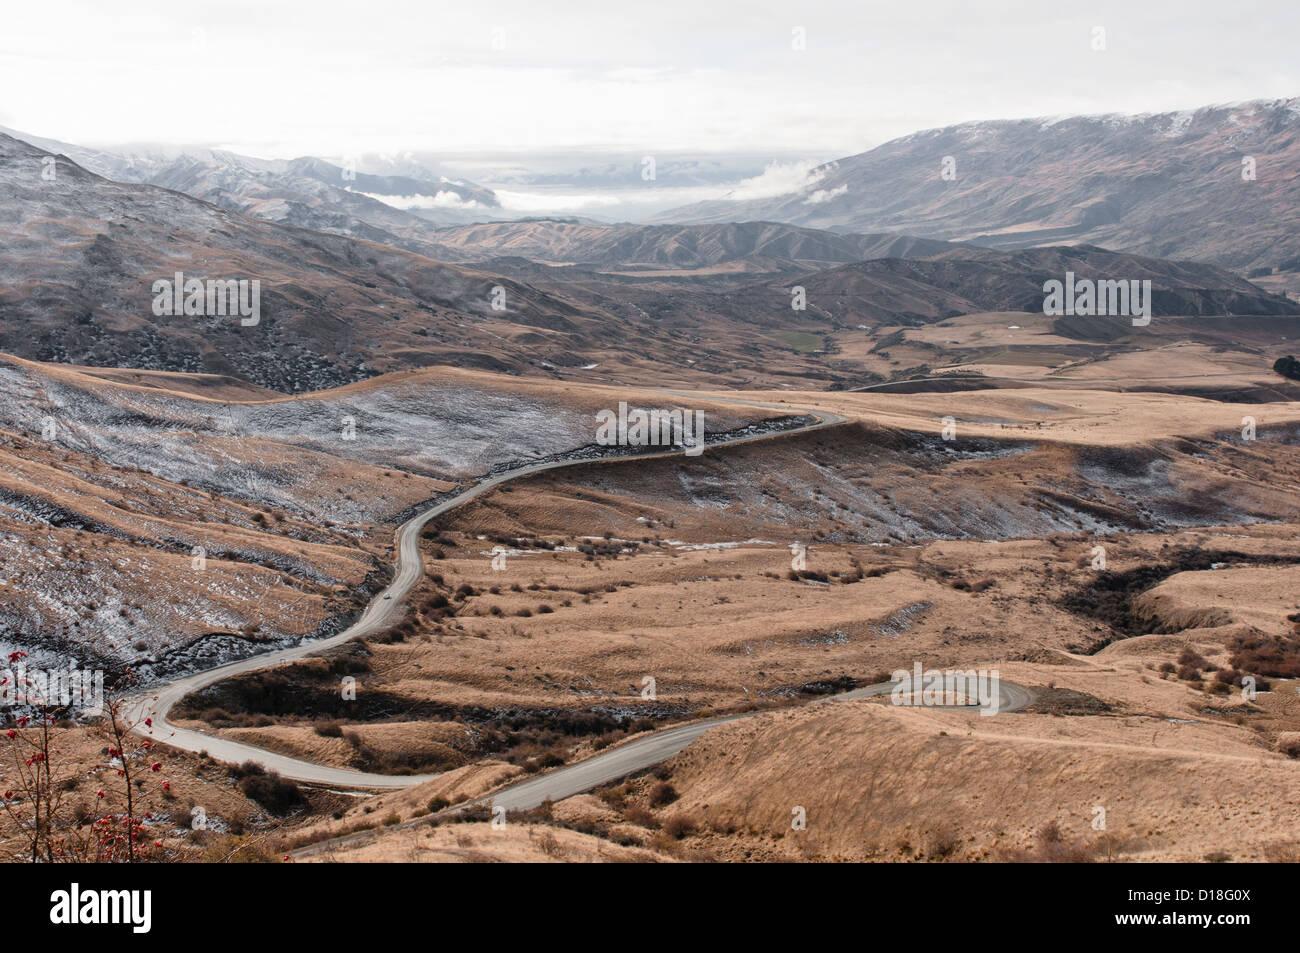 Strada curva nel paesaggio rurale Foto Stock